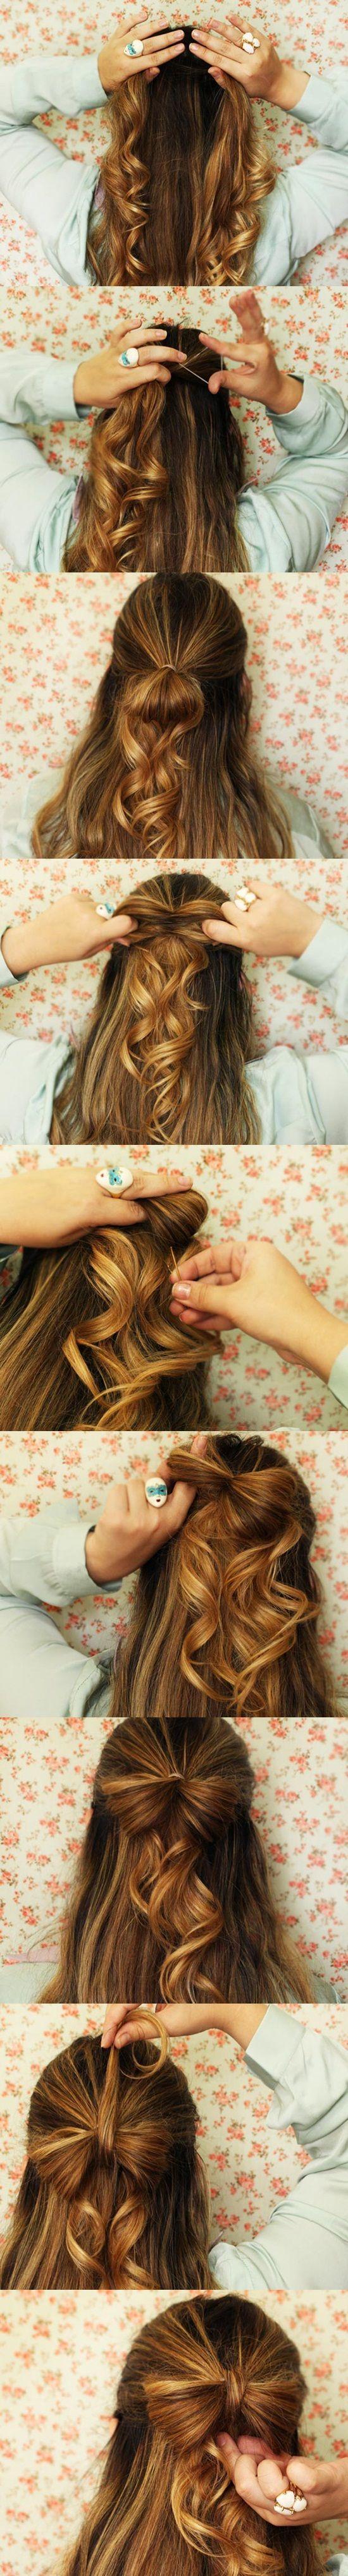 Penteados de cabelos para volta às aulas: